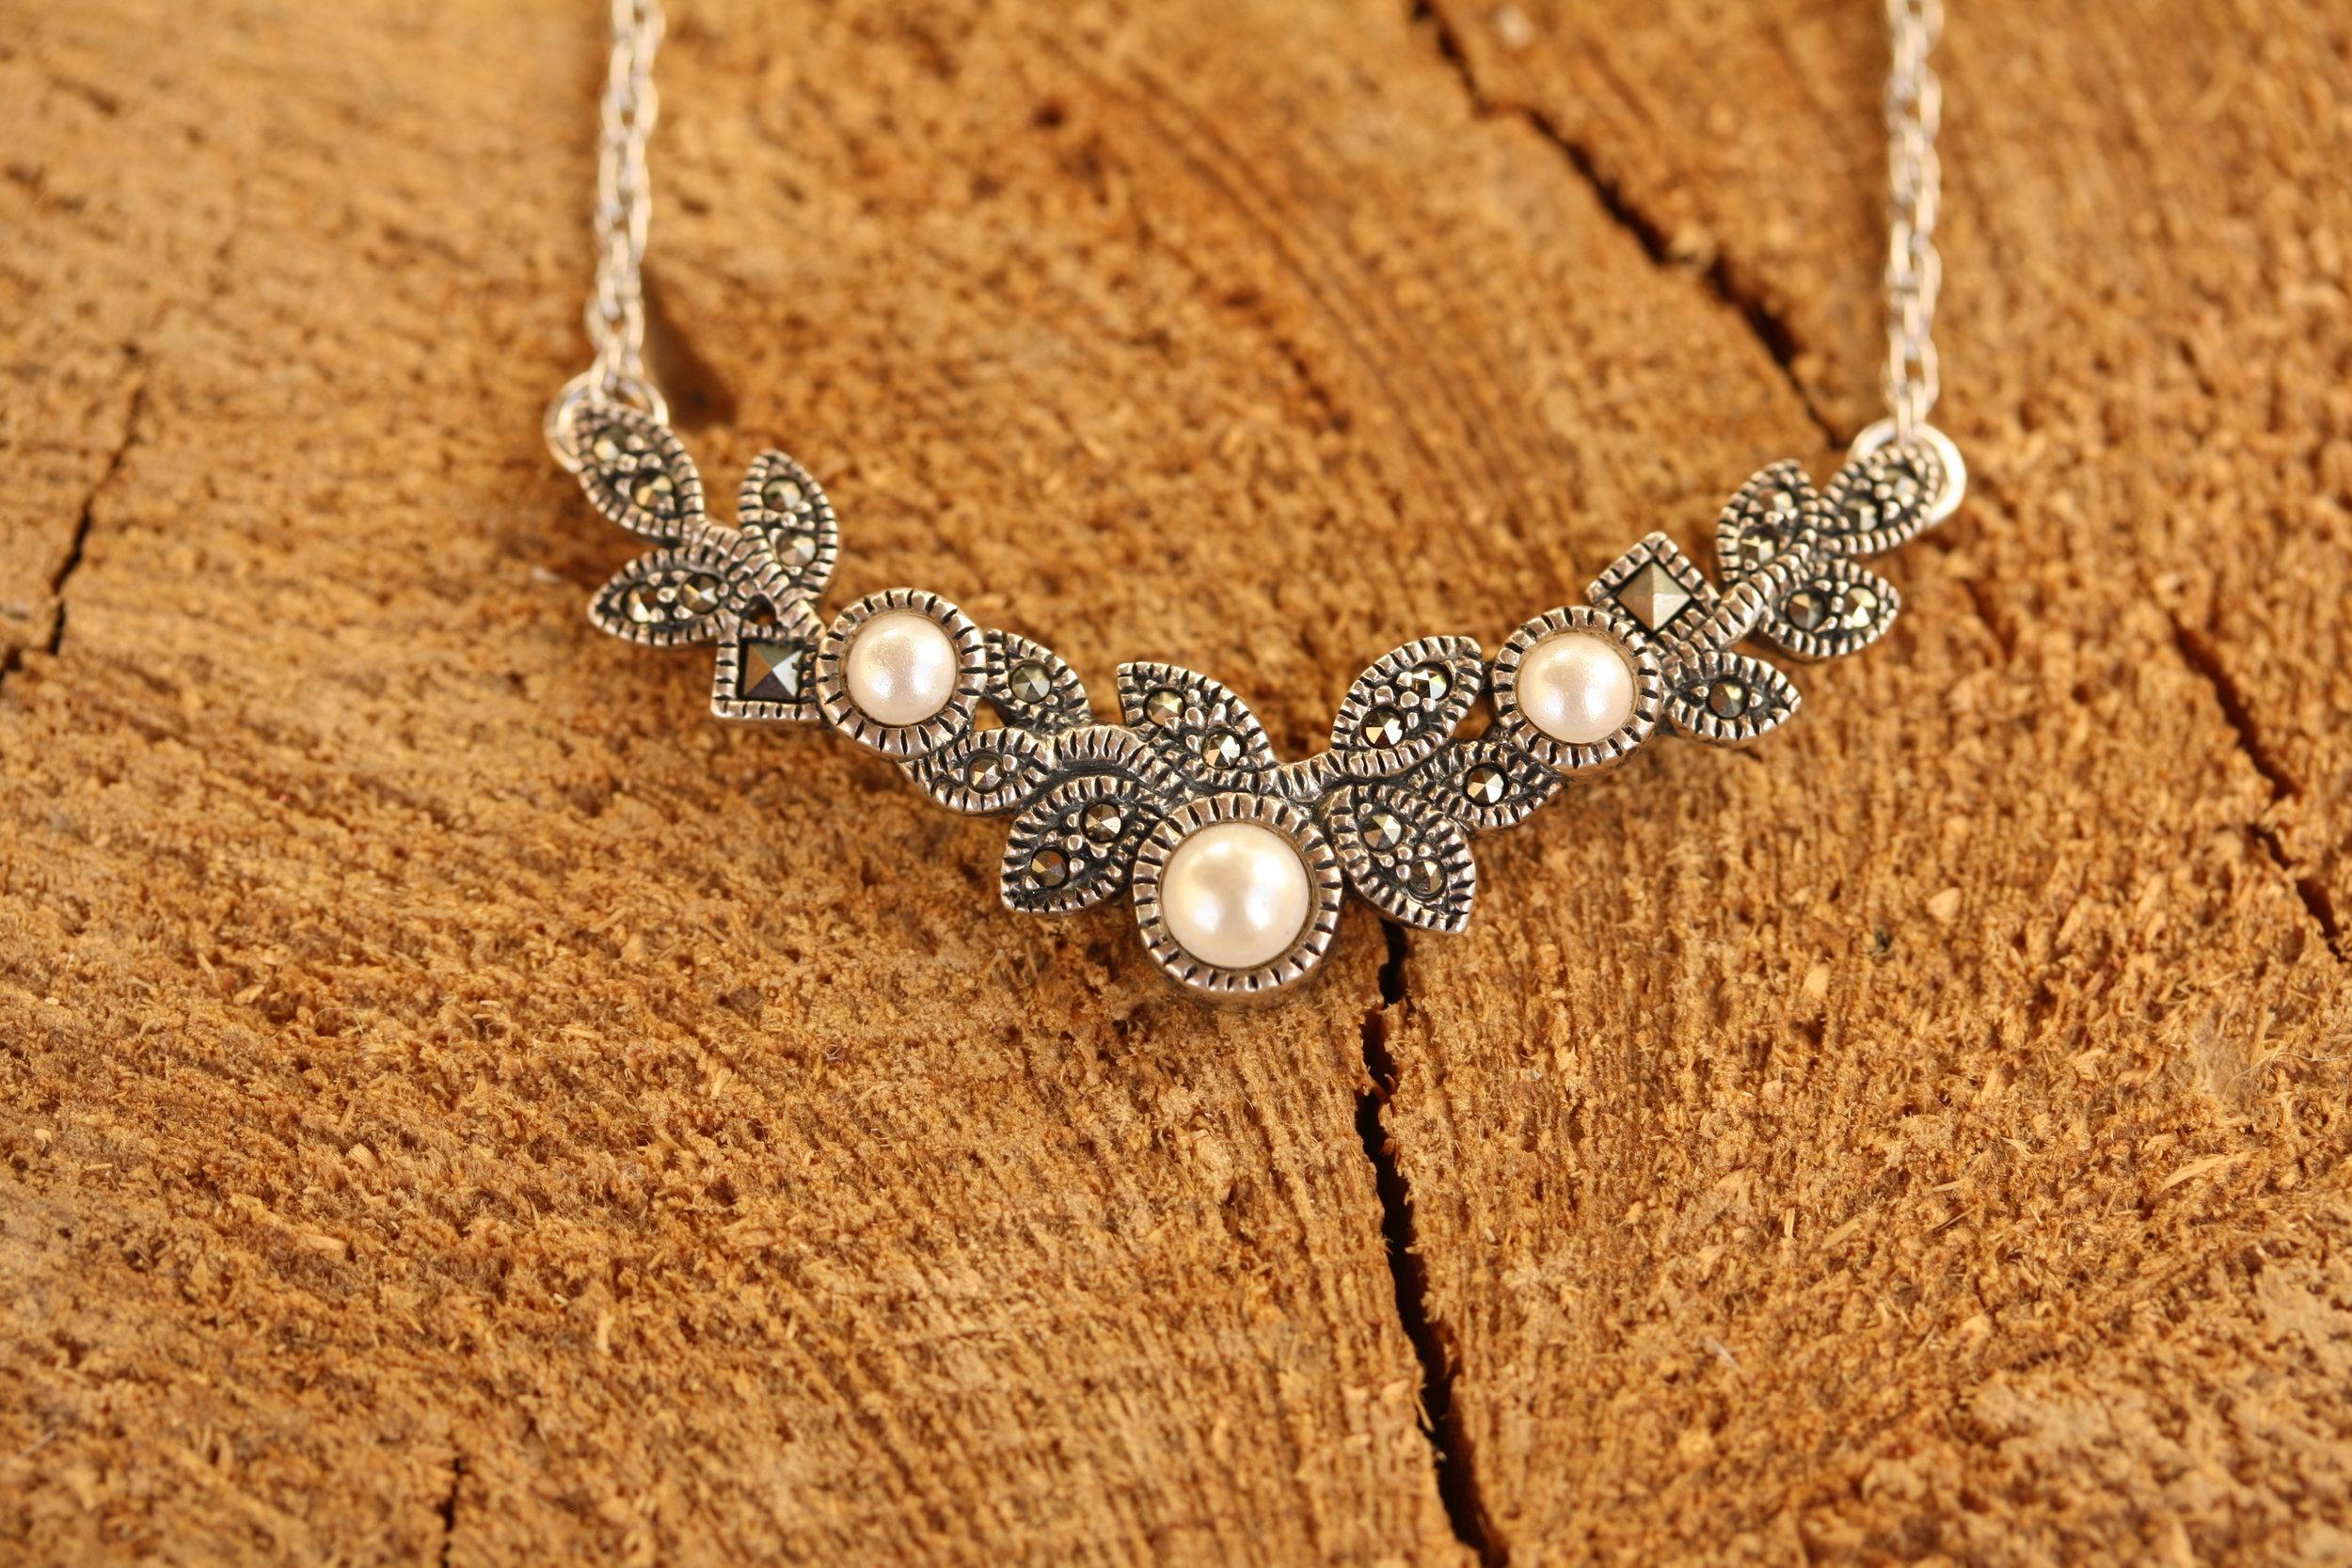 Vintage Necklace Faux Pearls Marquisite Floral Design_03 copy.JPG